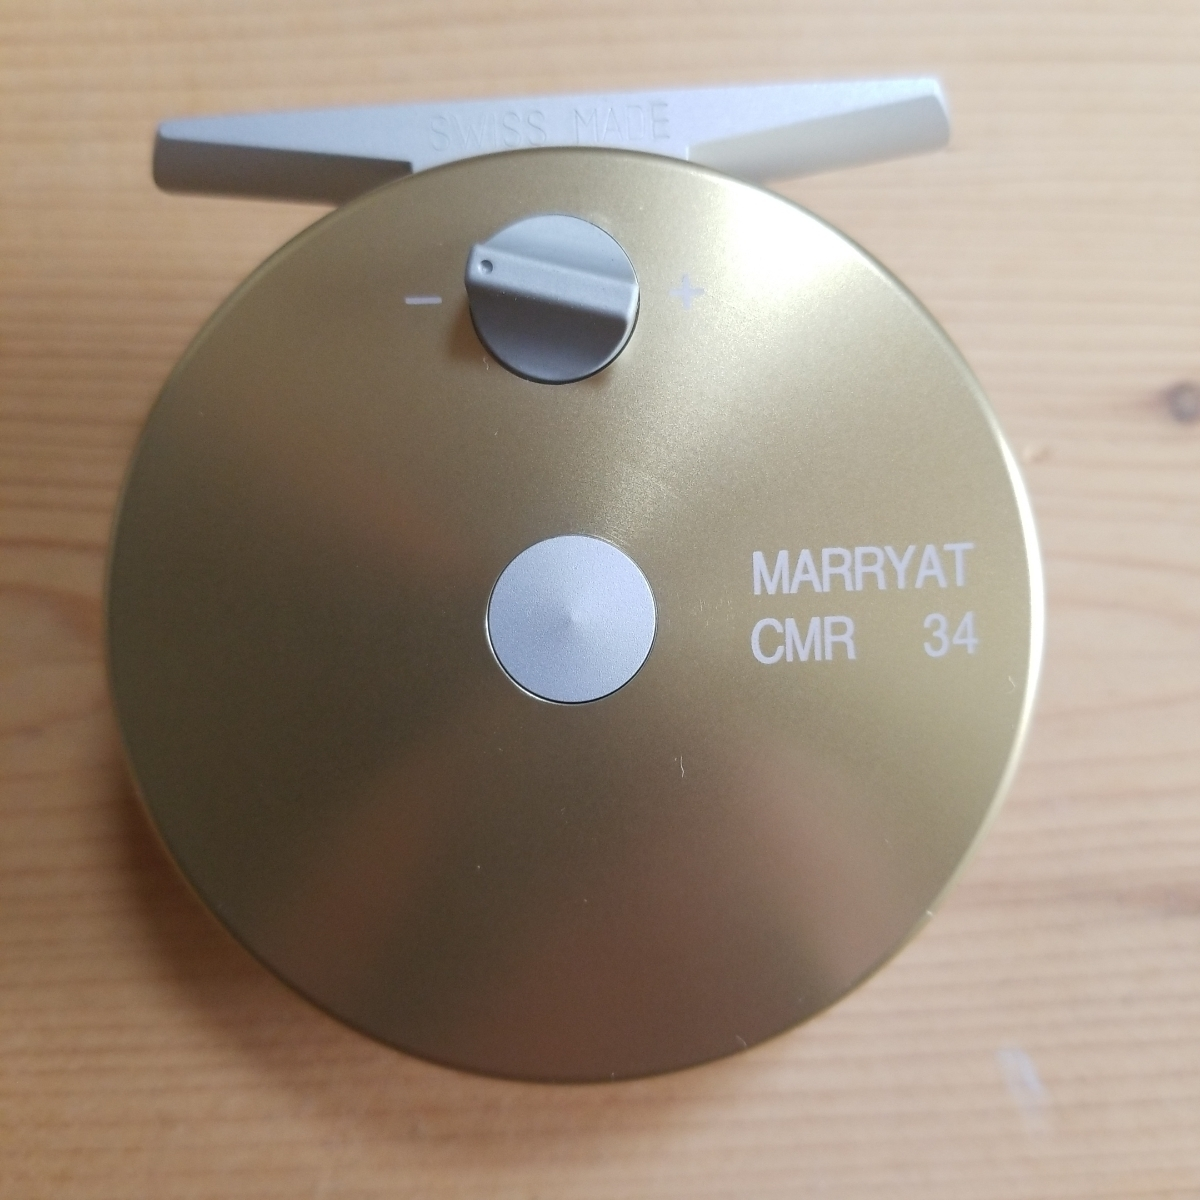 スミス マリエット MARRYAT CMR-34 ゴールド_画像2